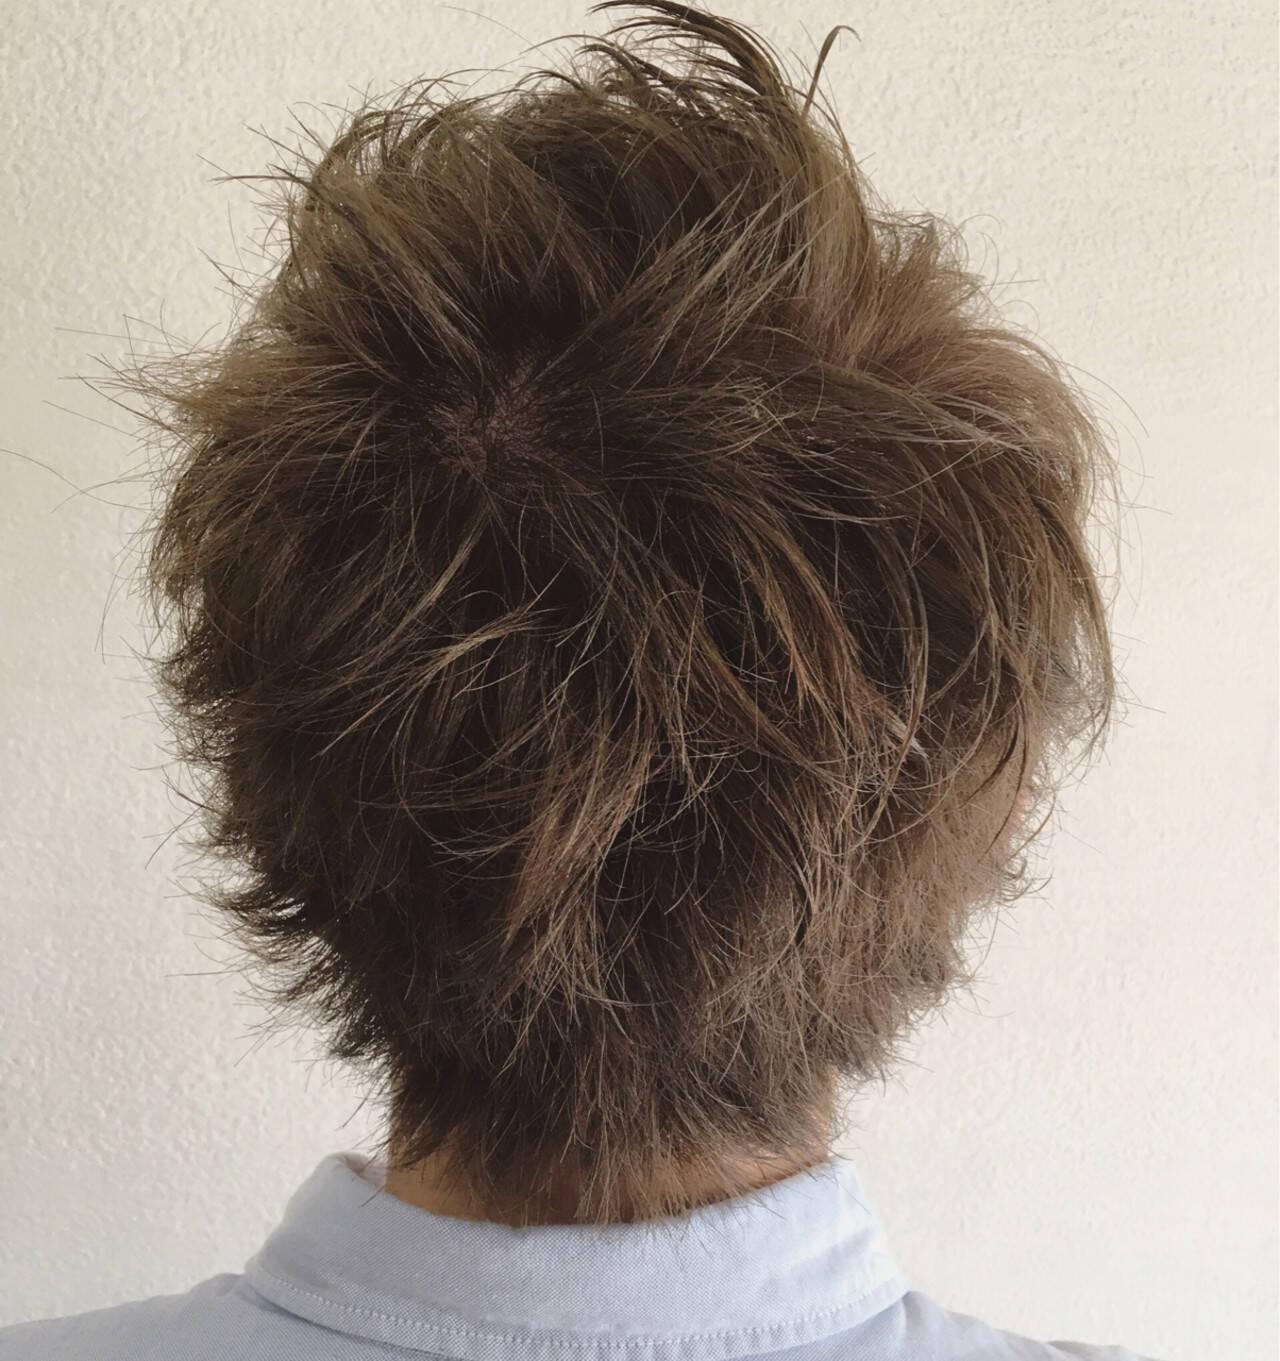 似合わせ ナチュラル ショート メンズヘアスタイルや髪型の写真・画像